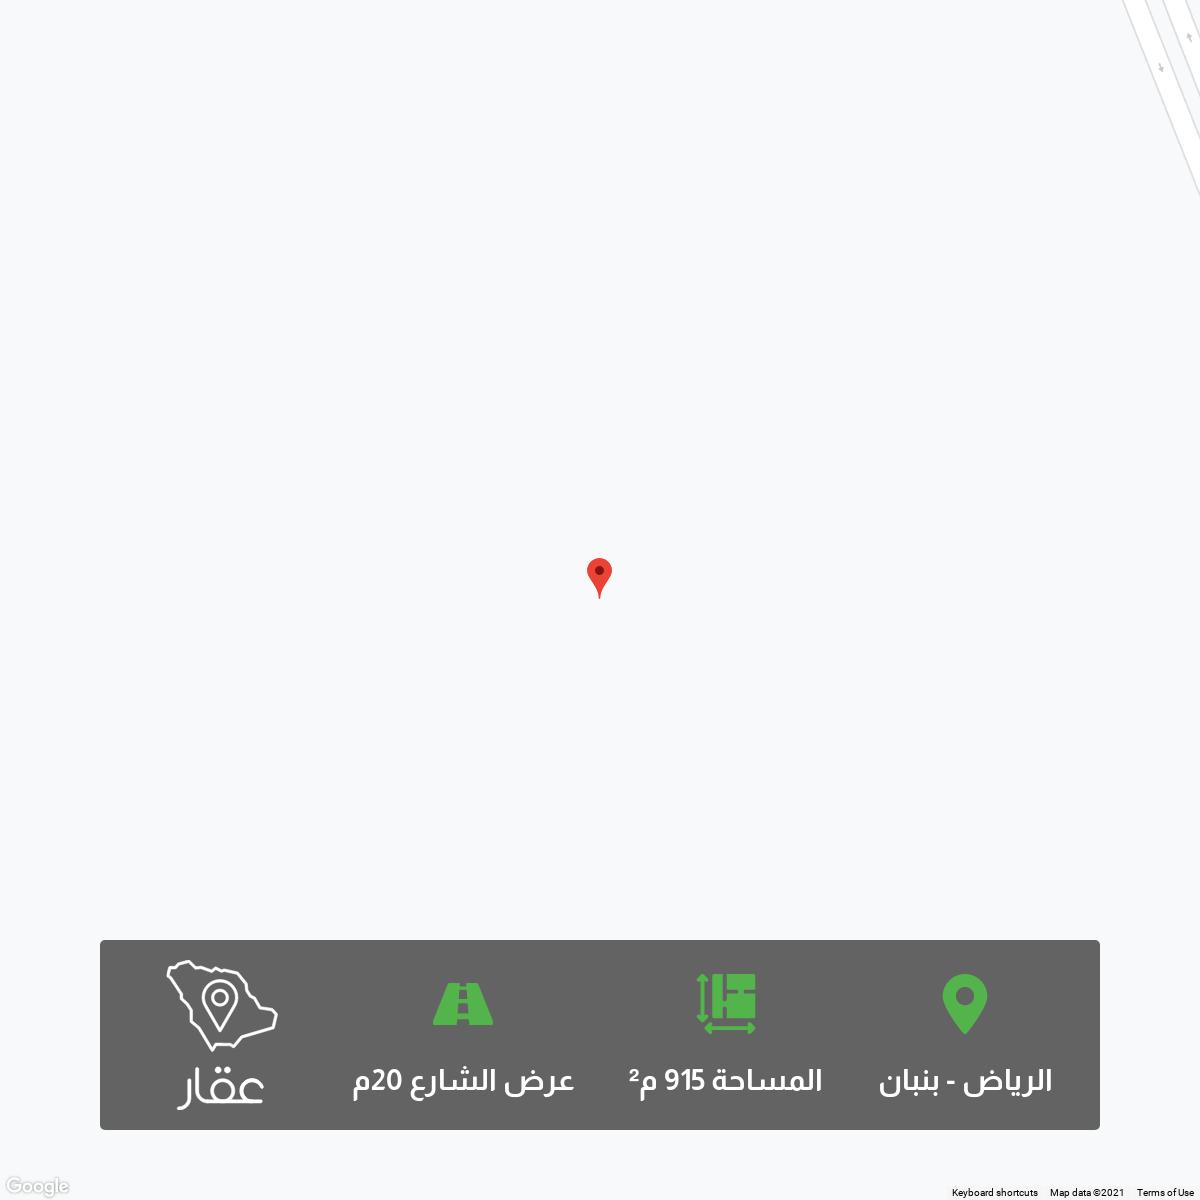 أرض للبيع في طريق الامير عبدالرحمن بن عبدالعزيز ، ملهم ، حريملاء